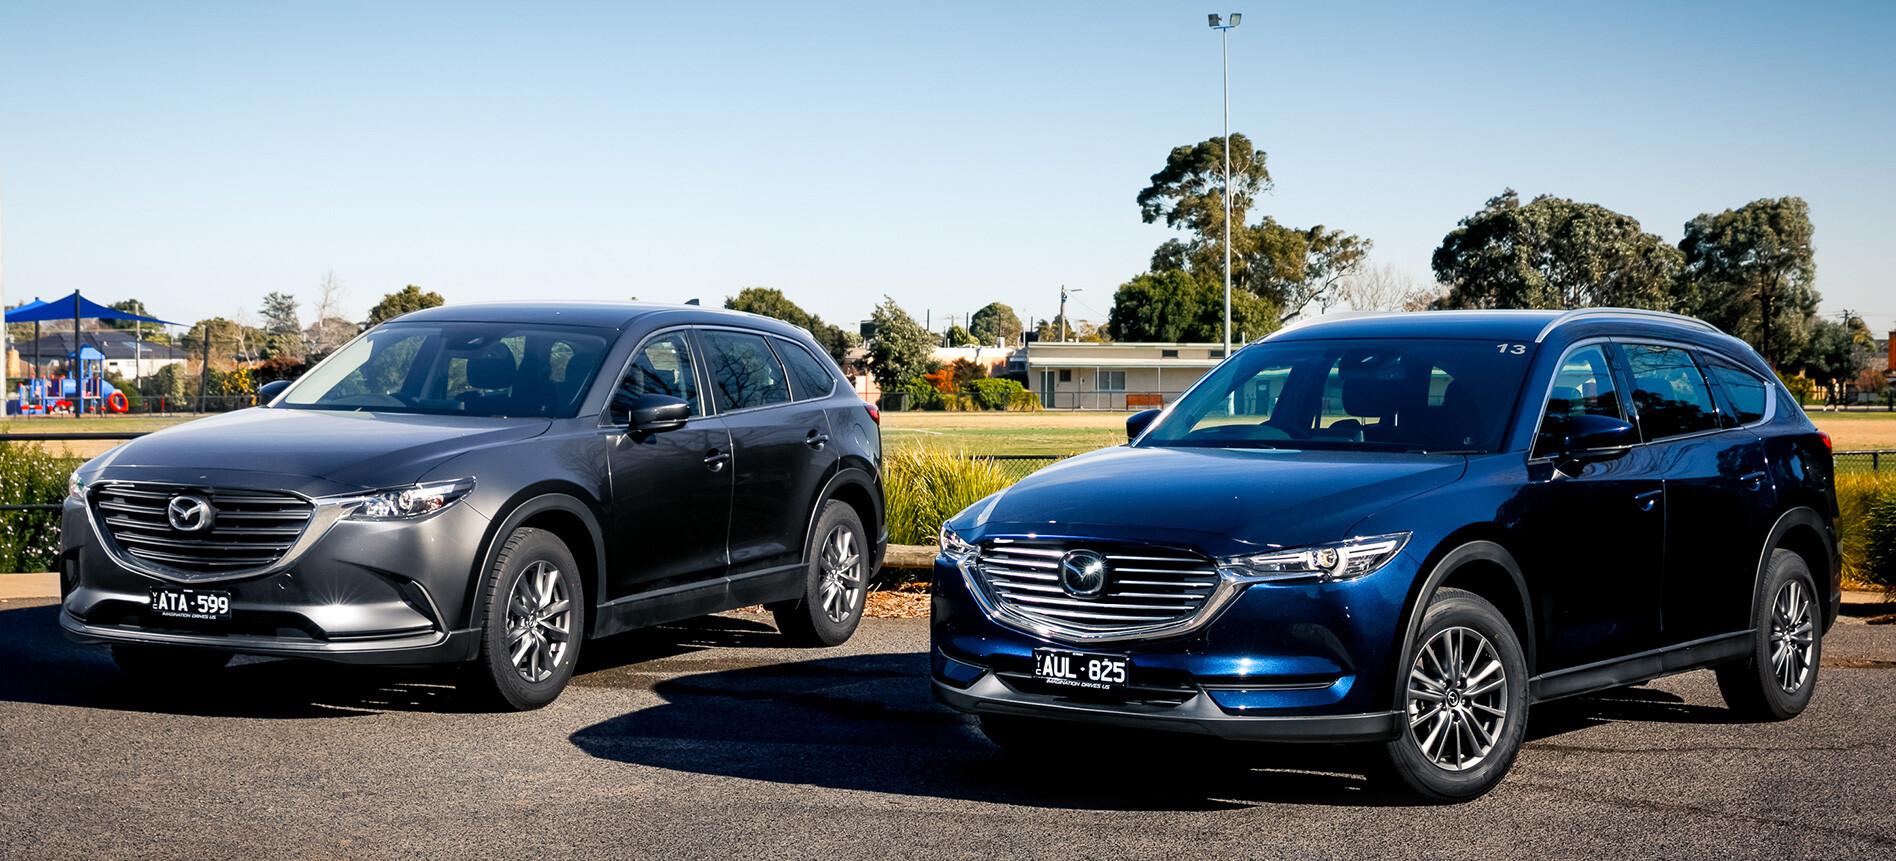 Mazda CX-9 and CX-8 comparison